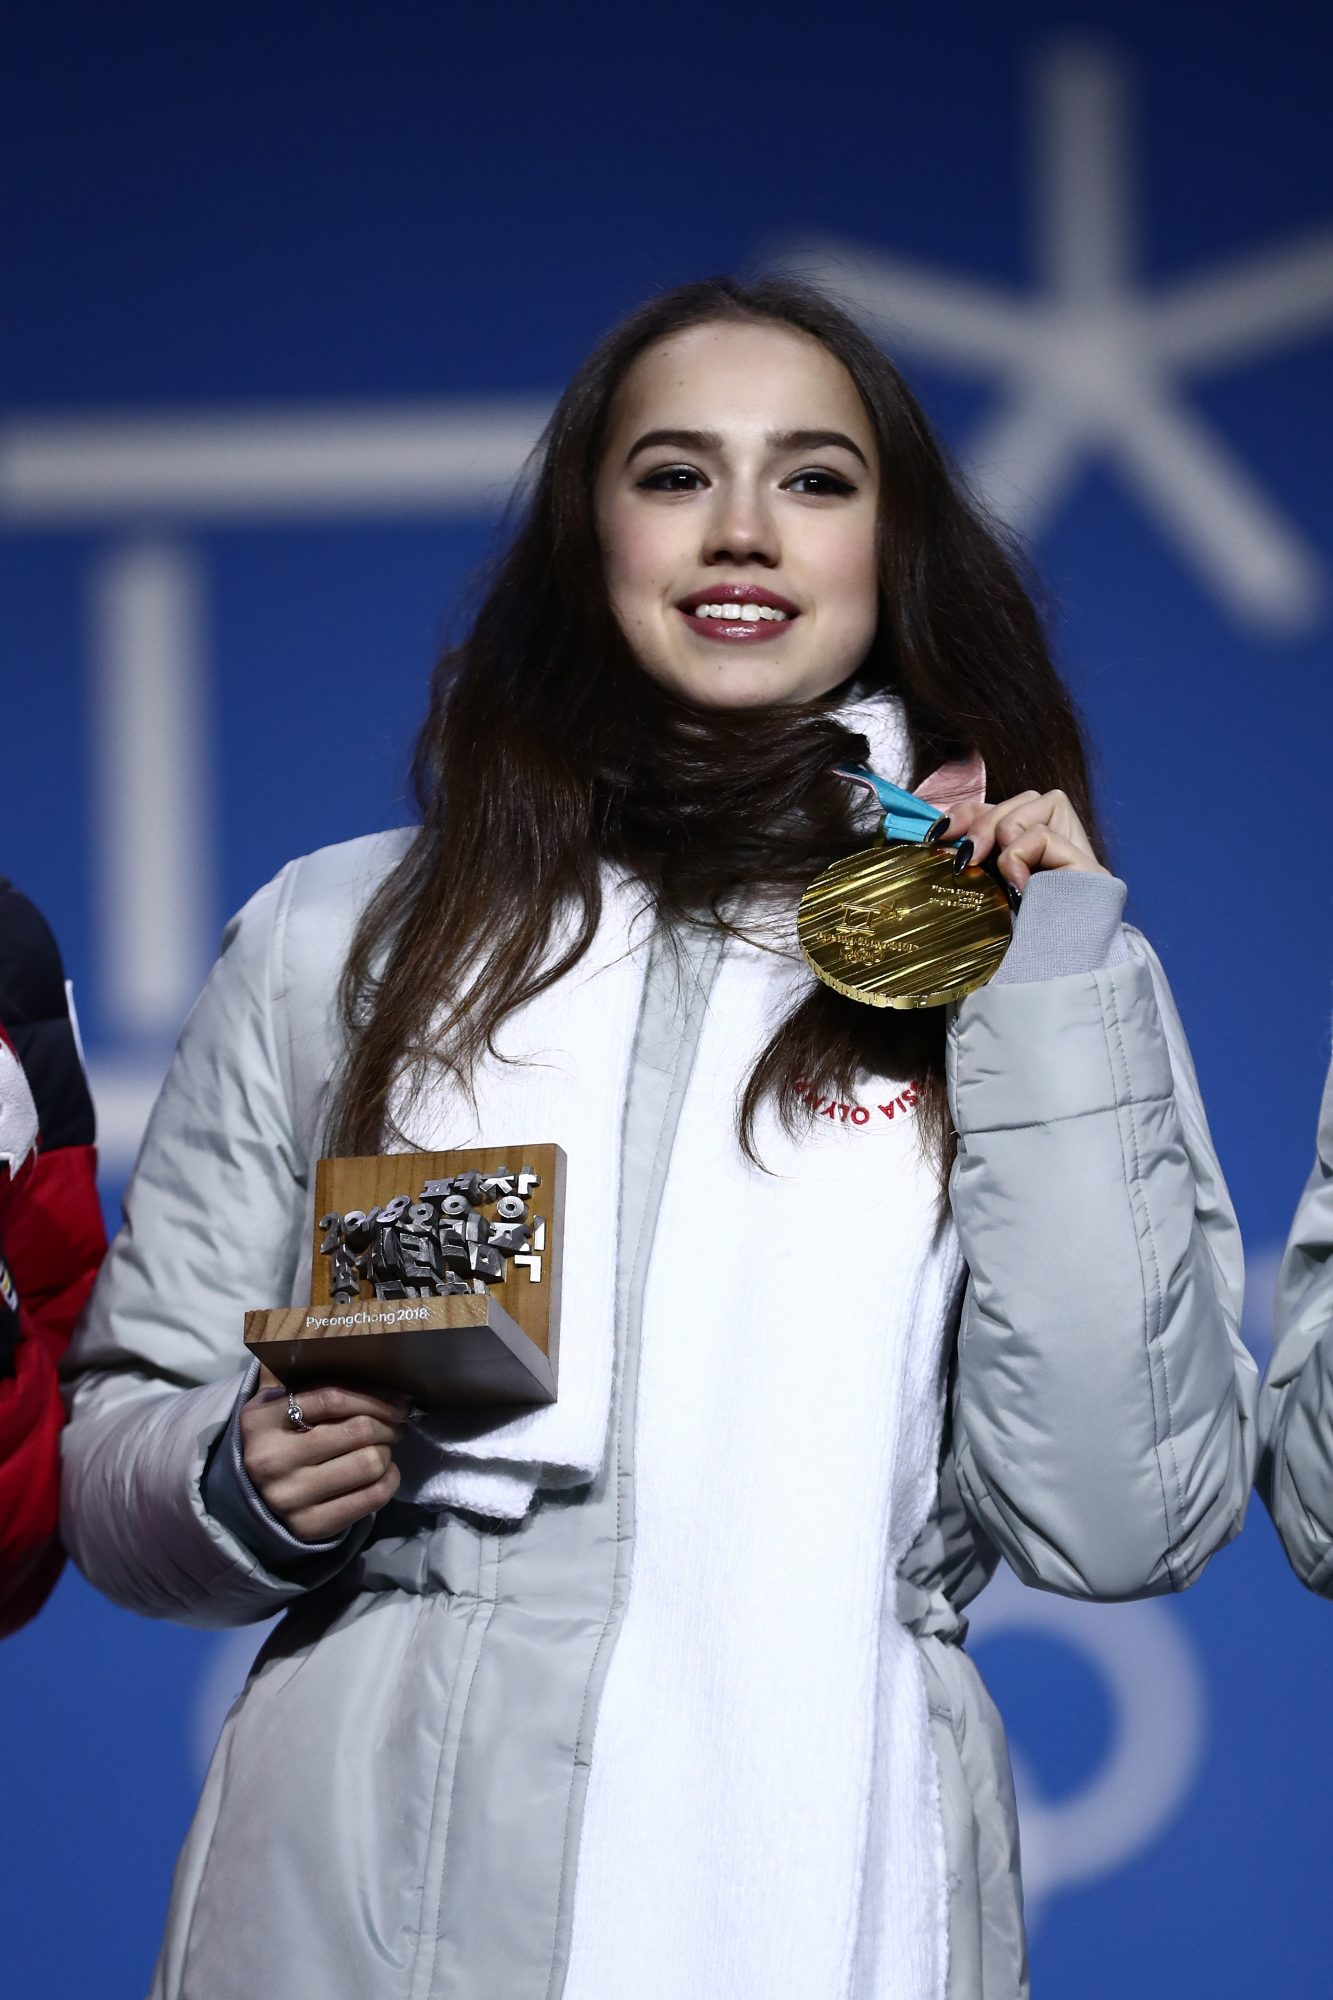 alina-zagitova-figure-skater-gold.jpg